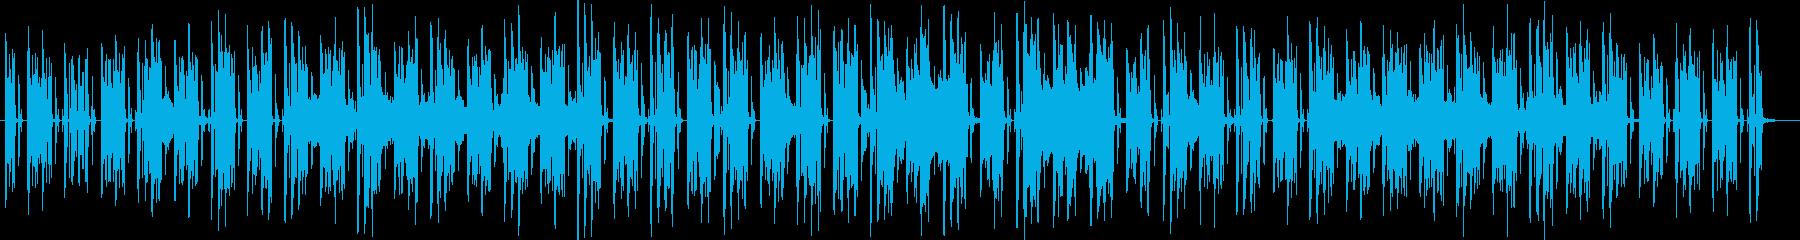 ダークシティの再生済みの波形